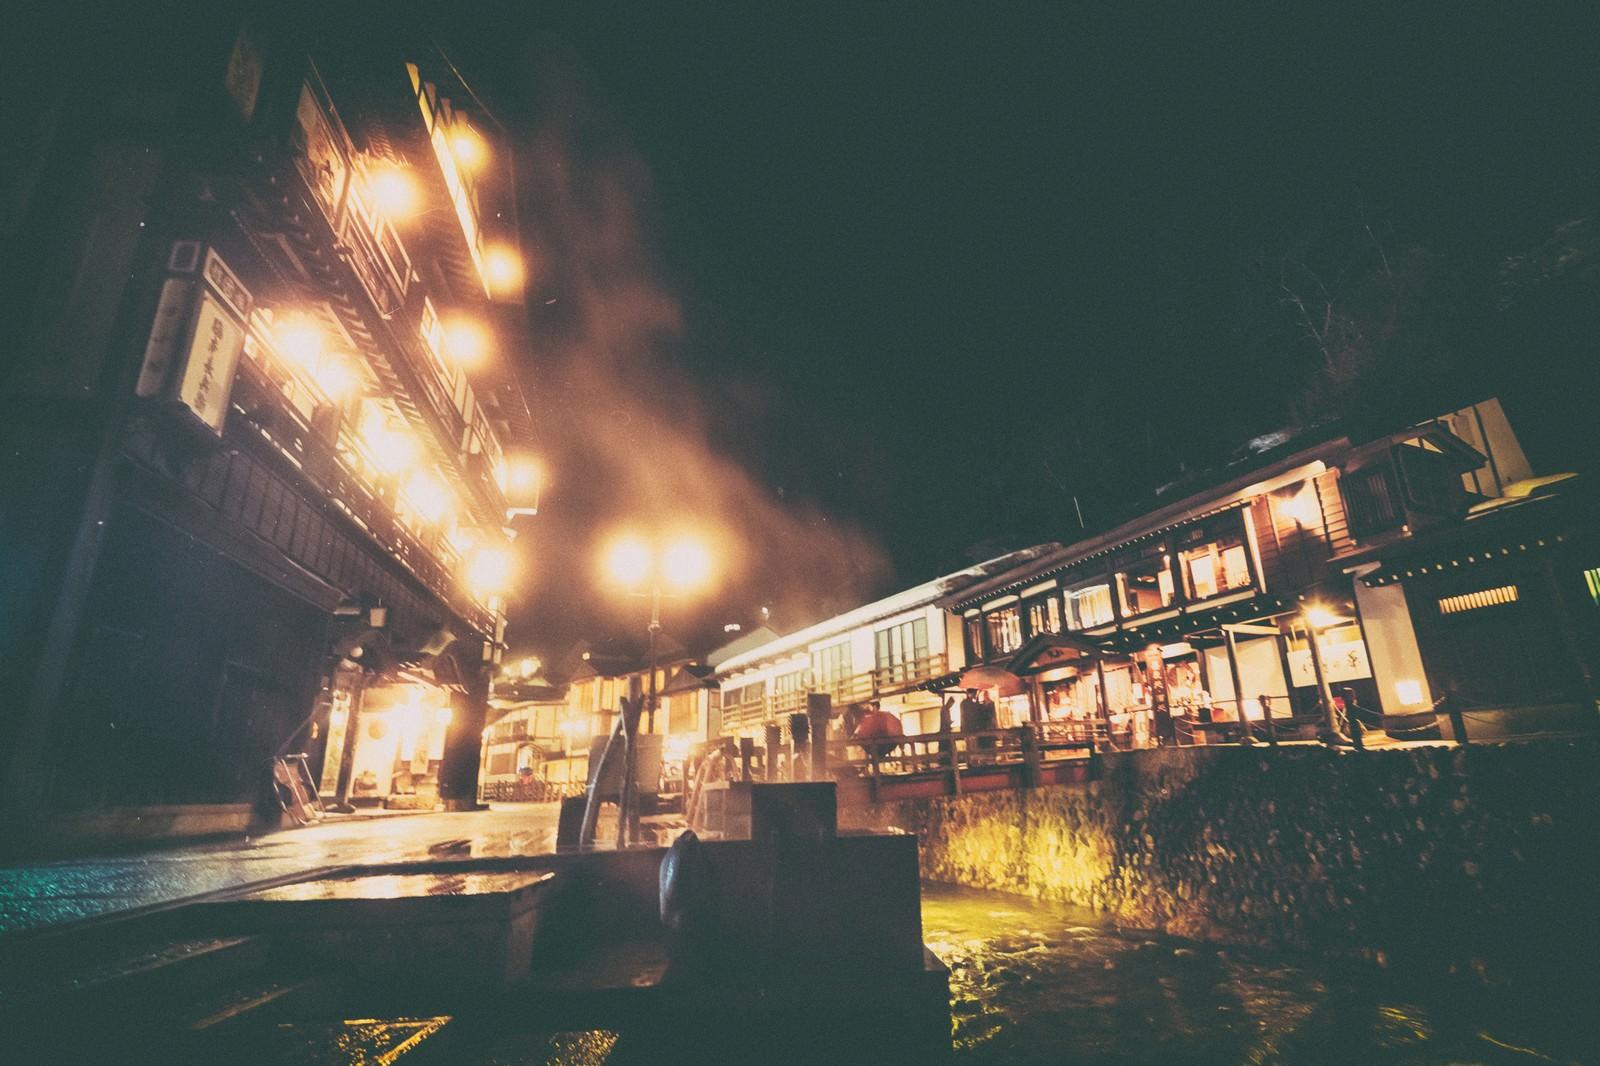 「夜間の銀山温泉とガス灯夜間の銀山温泉とガス灯」のフリー写真素材を拡大